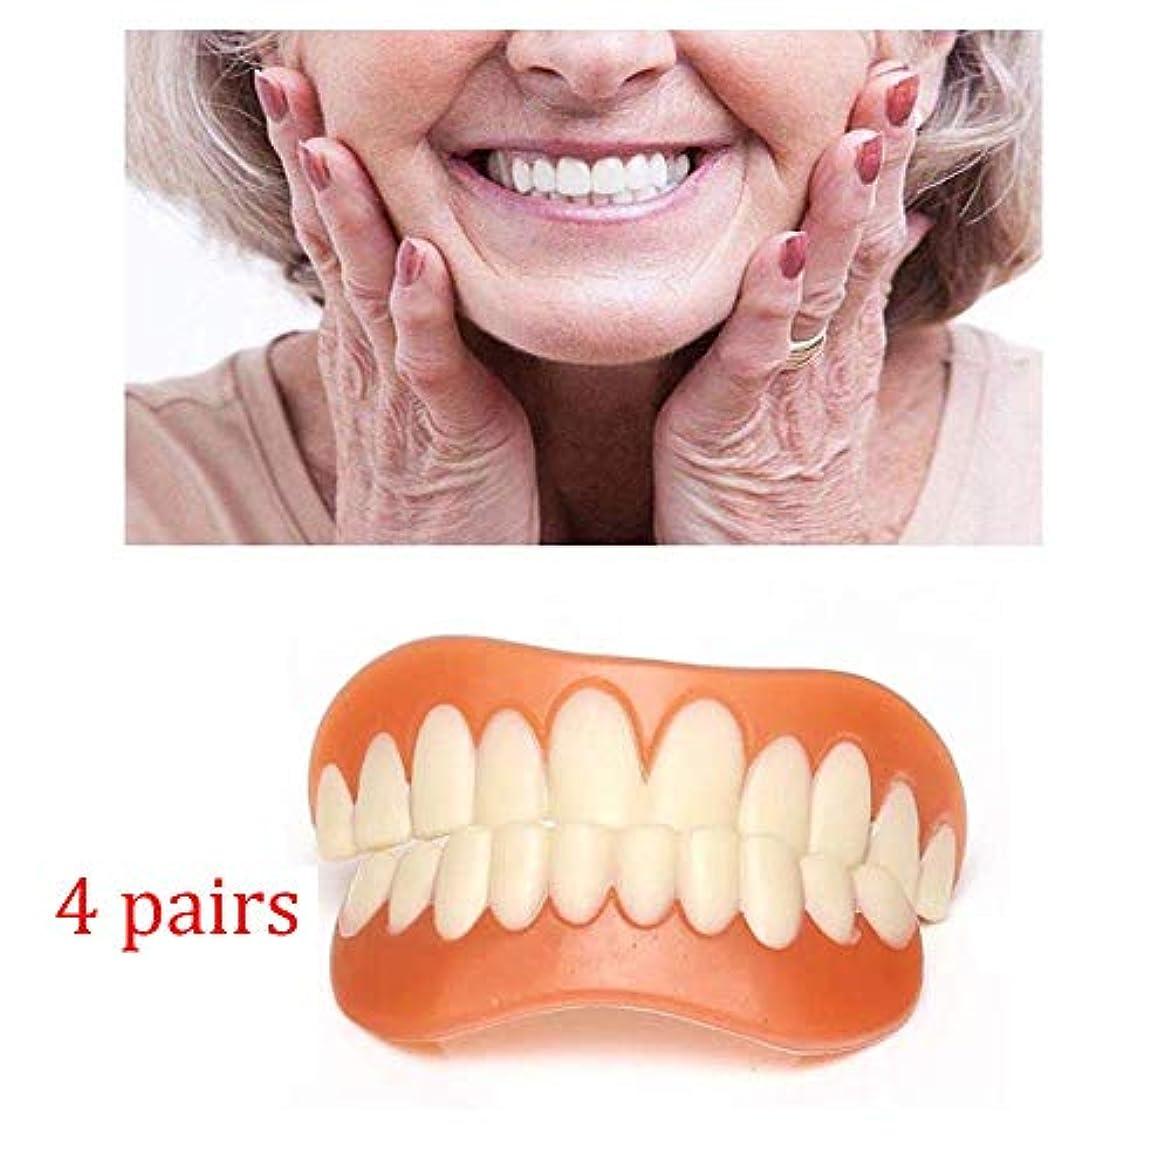 潮反毒戻すインスタント笑顔歯4対上下の白い歯の列セット義歯セットベニヤフレックス義歯パーフェクトフィットペーストツール